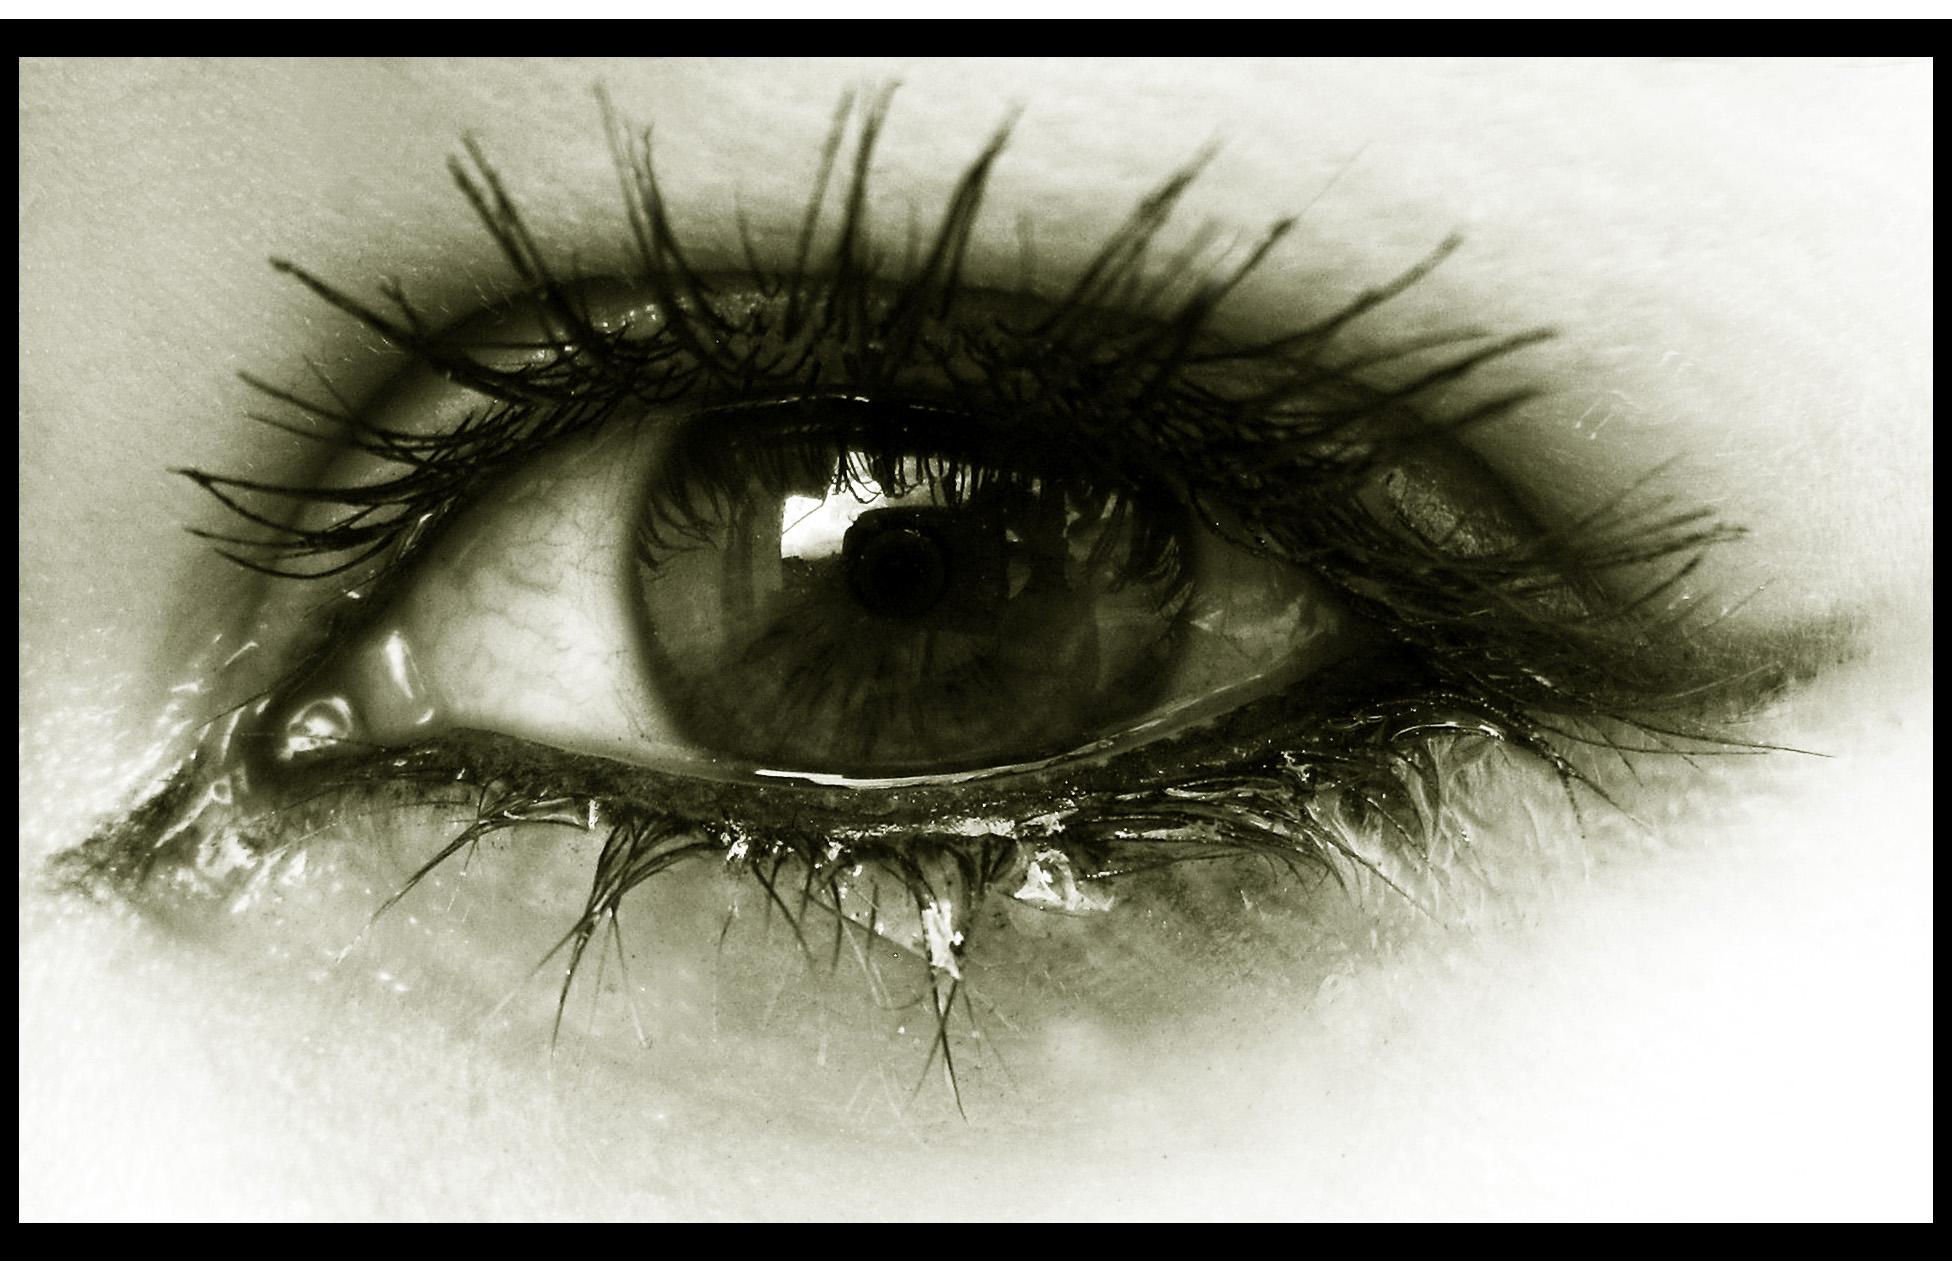 بالصور صور عيون تبكي , البكاء احدى لغات العيون 2052 3